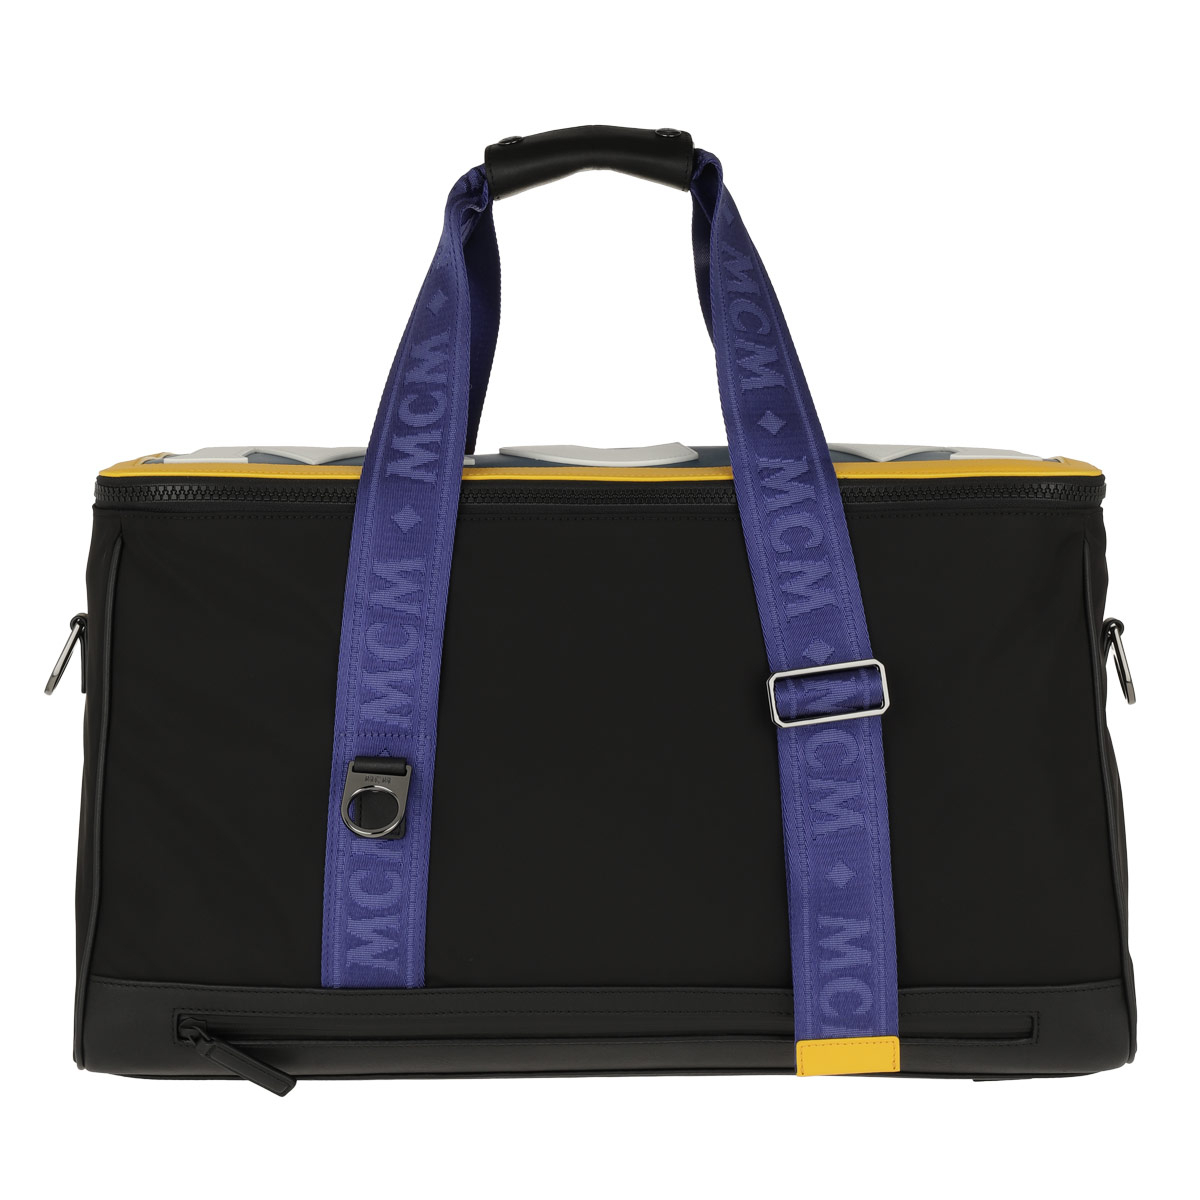 MCM Reisetasche - Aventin Nylon Leather Weekender Black - in schwarz - für Damen